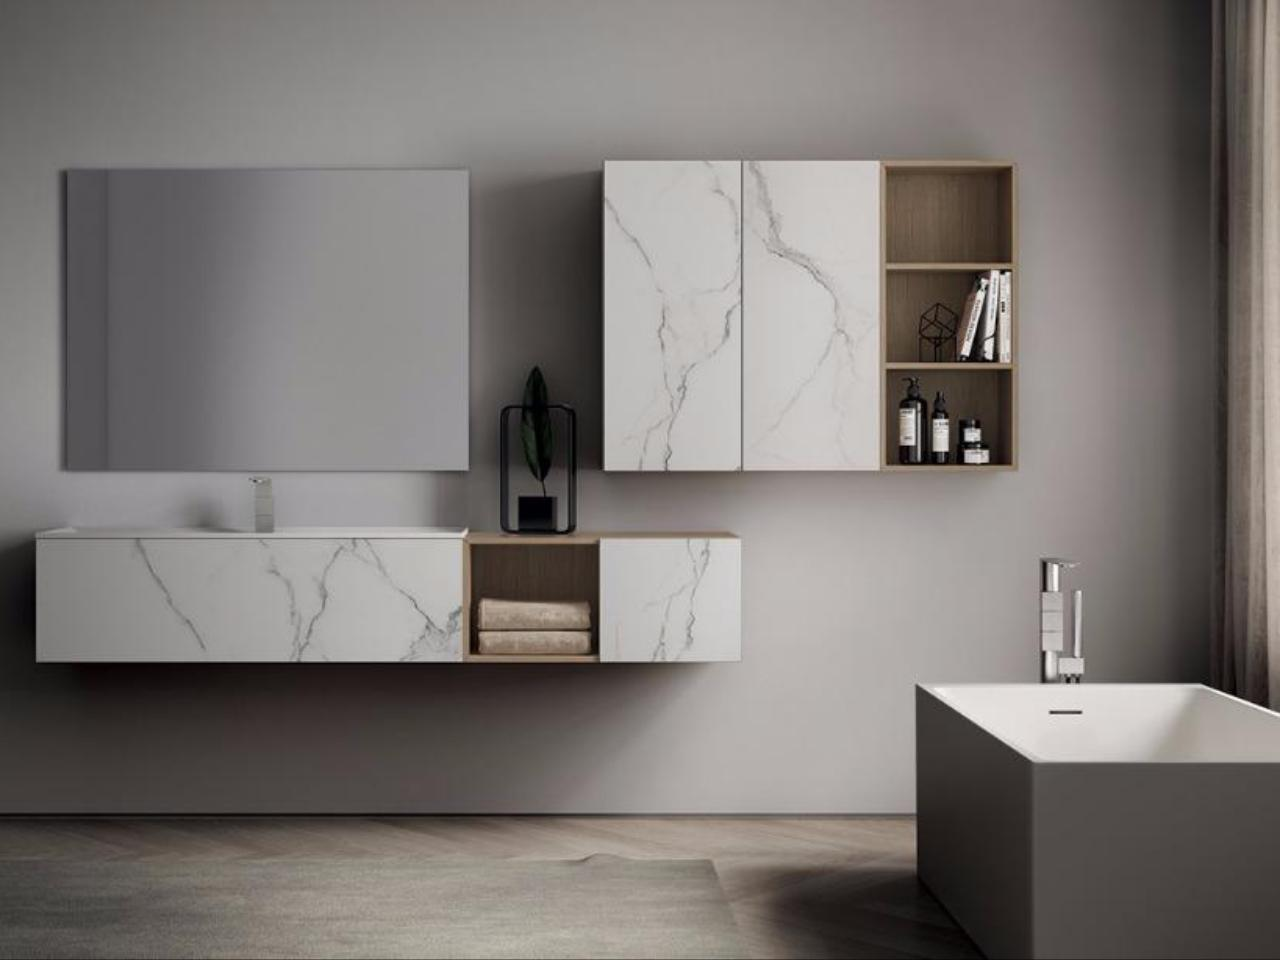 Bagnoidea prodotti e tendenze per arredare il bagno - Il bagno group ...